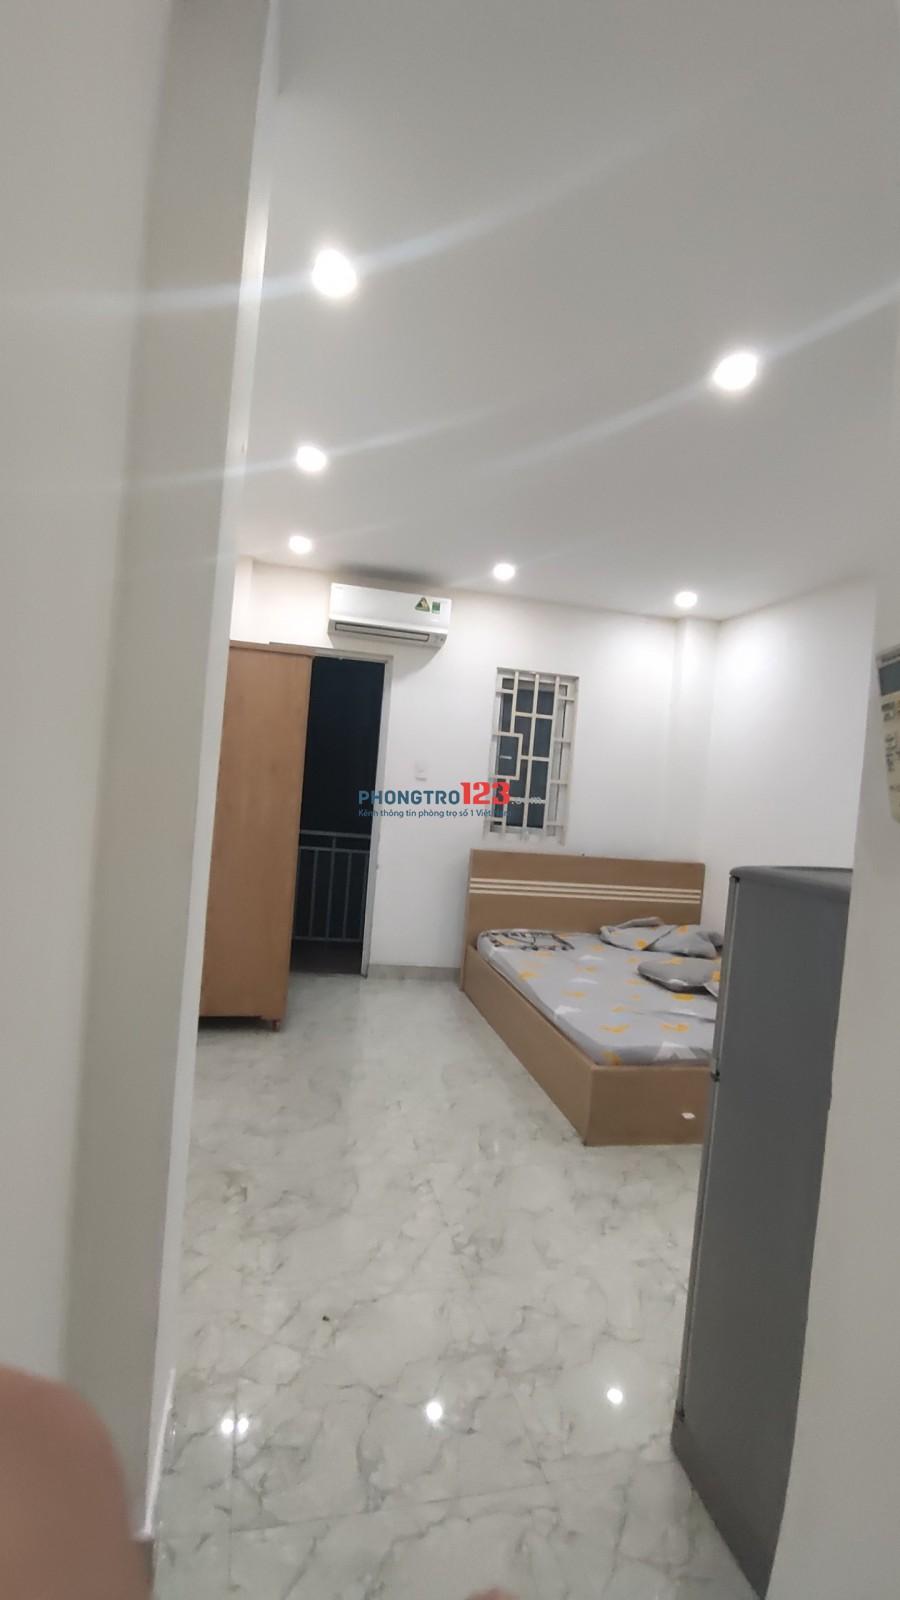 Cho thuê phòng trọ tầng trệt đường Nguyễn Cửu Vân ngay ĐH Hồng Bàng, giá chỉ 3.8 triệu/tháng , khu văn phòng